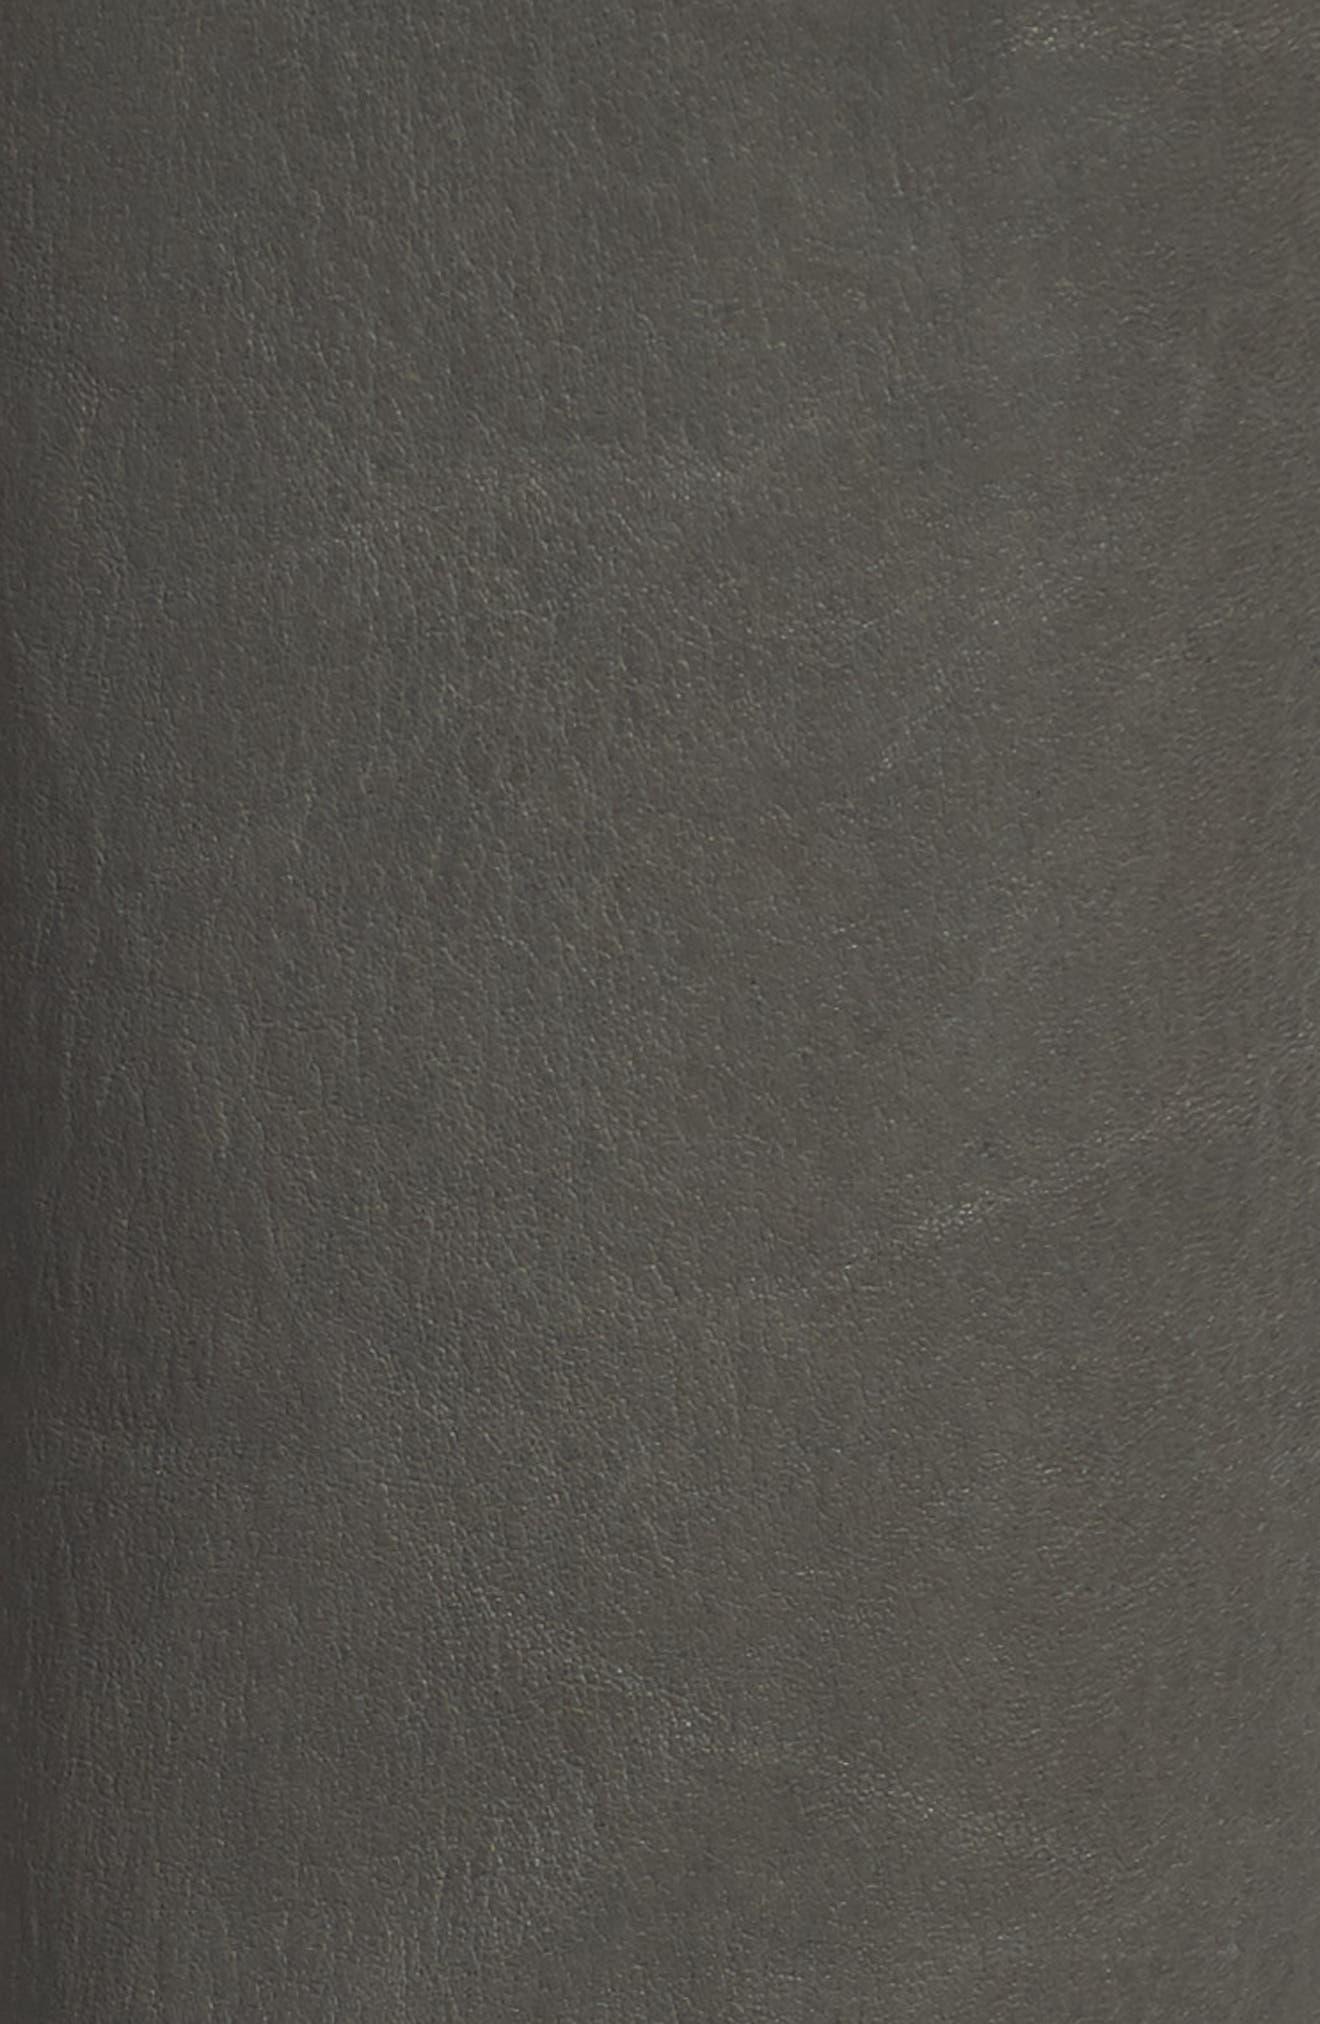 'Maria' Lambskin Leather Leggings,                             Alternate thumbnail 3, color,                             Granite